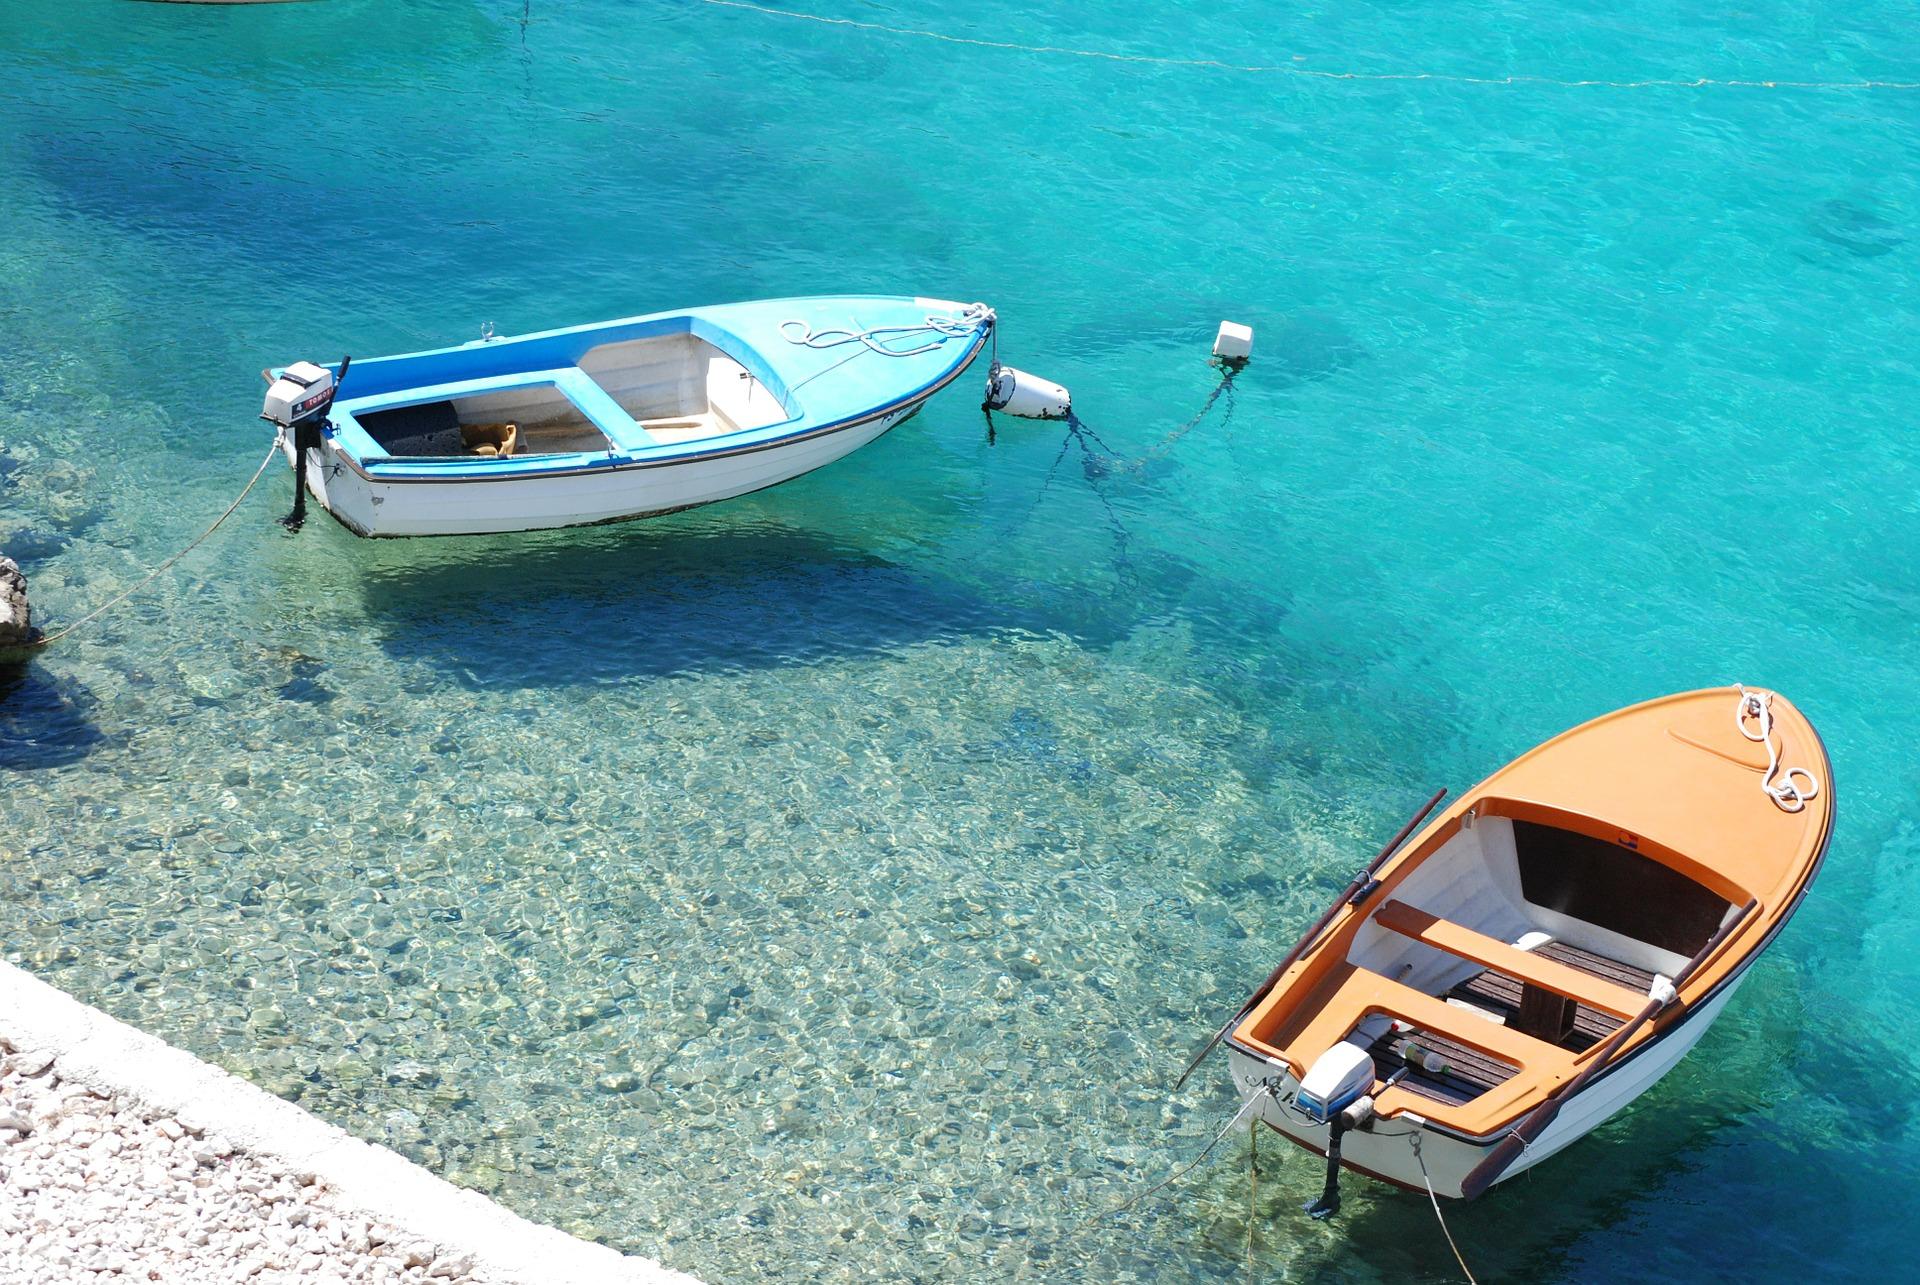 Hotel Bibione ab 5,64€ die Nacht p.P 4 Sterne in Venetien